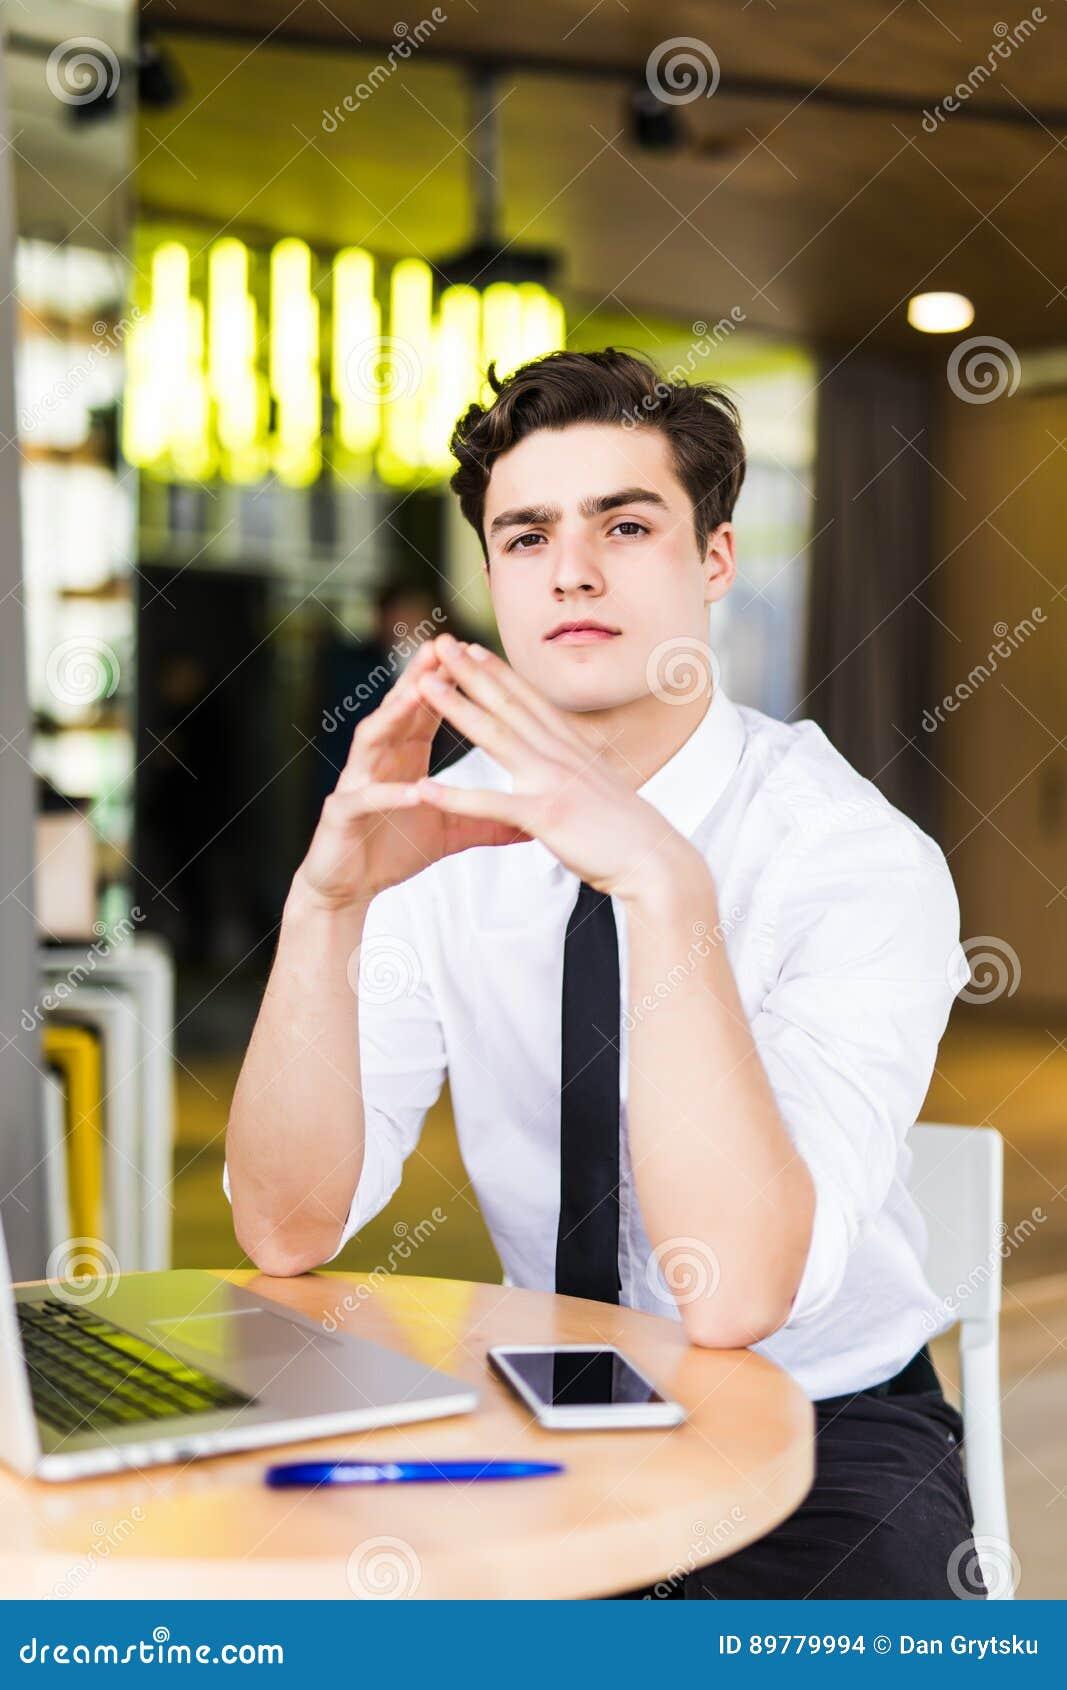 Shot Of Young Man Sitting At Table Looking At Camera And